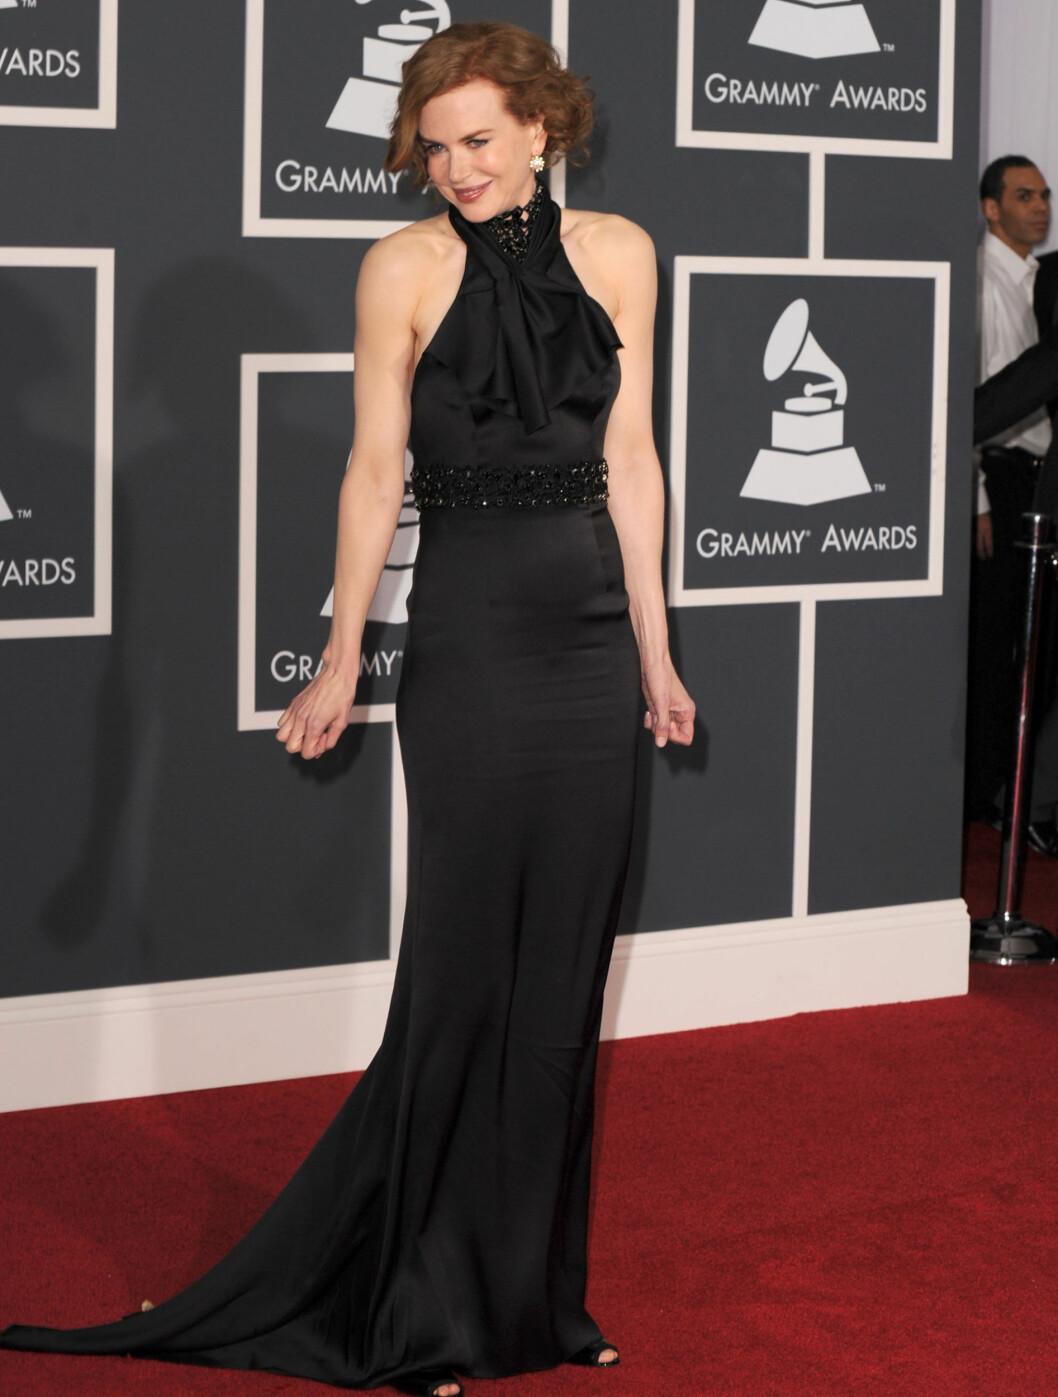 I SVART: Nicole Kidman kom i en kjole fra Prada til utdelingen.  Foto: All Over Press